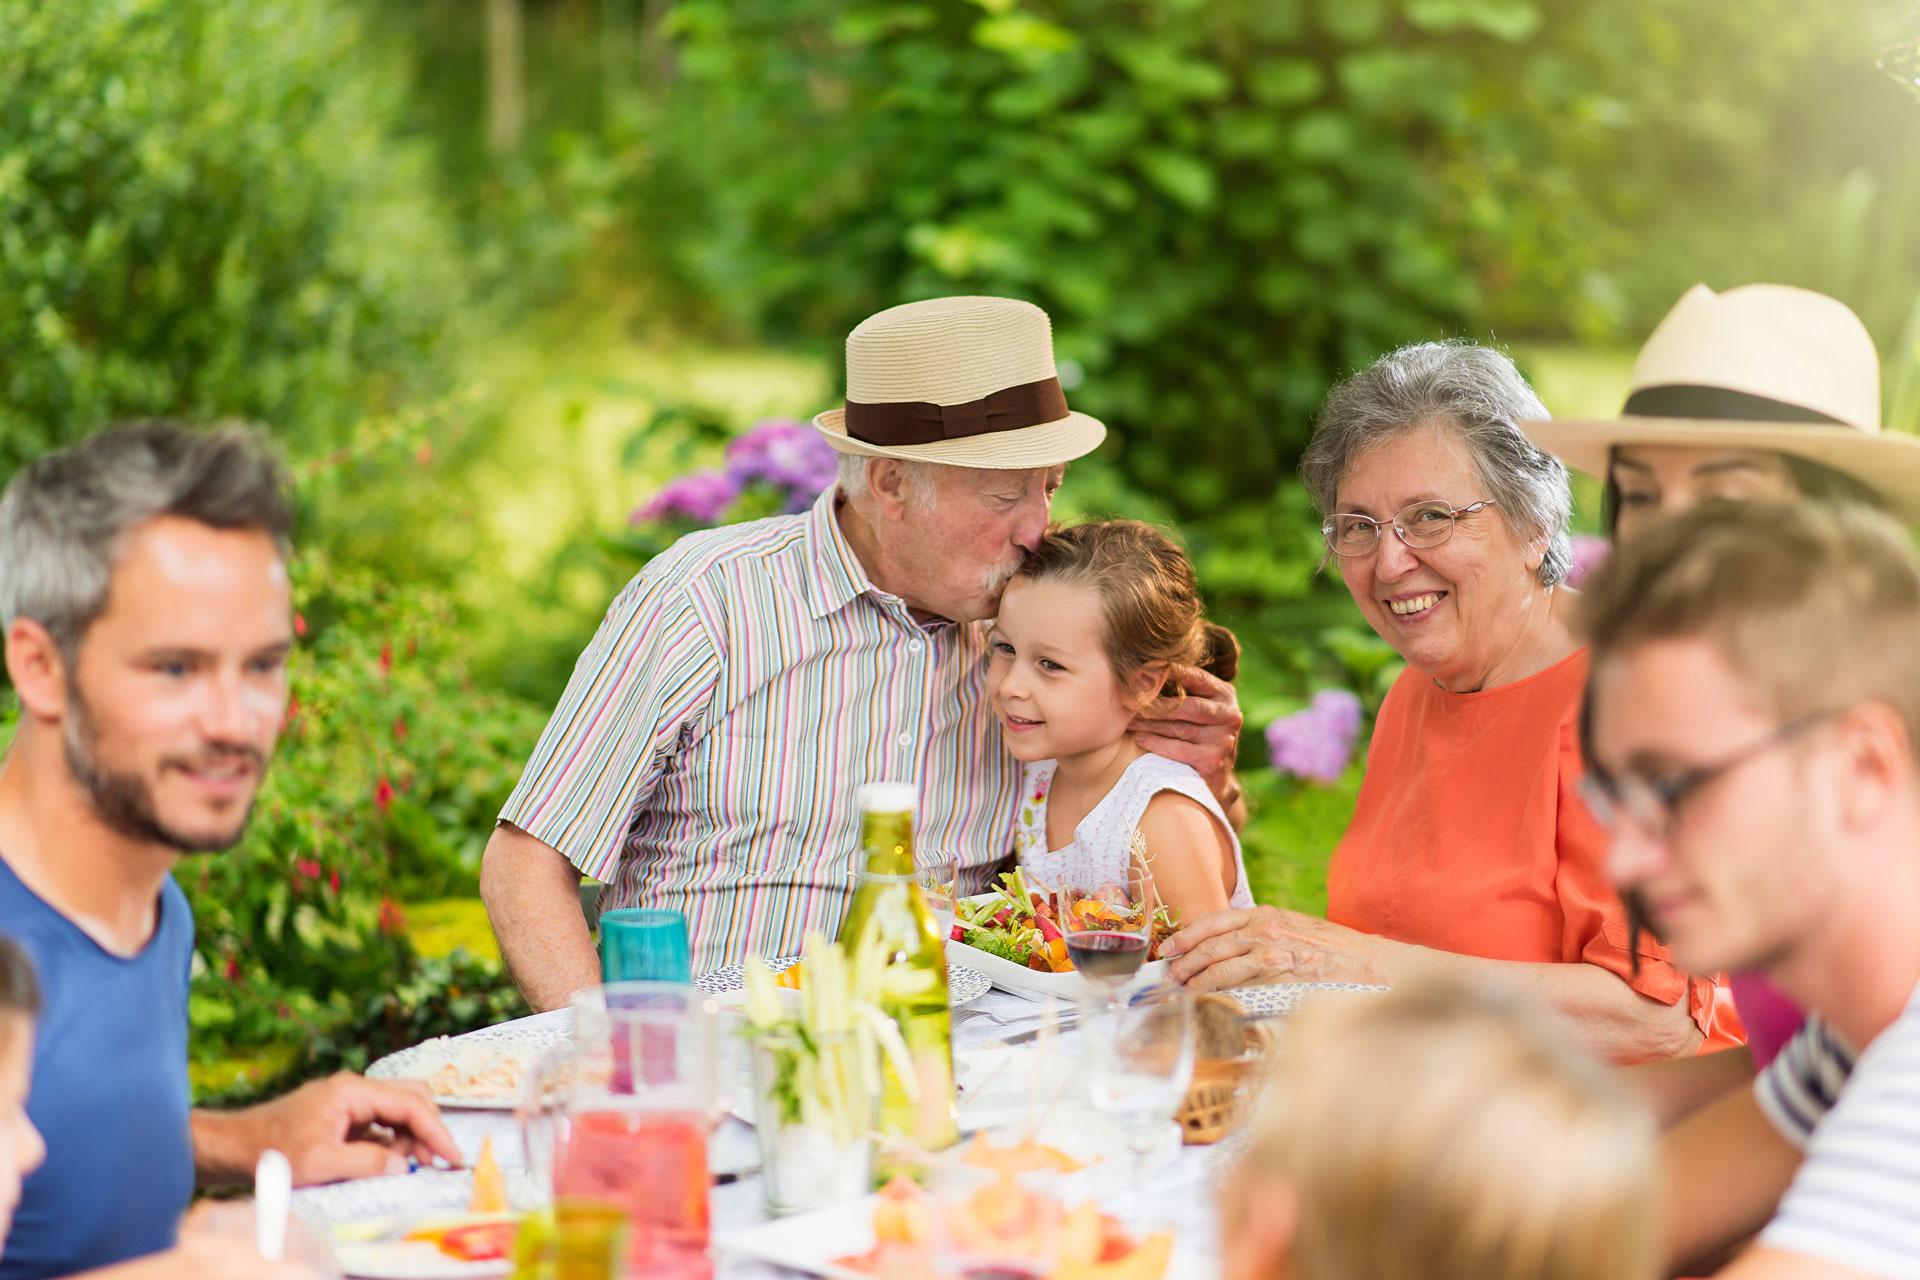 gyógyszerek, amelyek javítják a látást időskorban javítsa a látási rituálékat